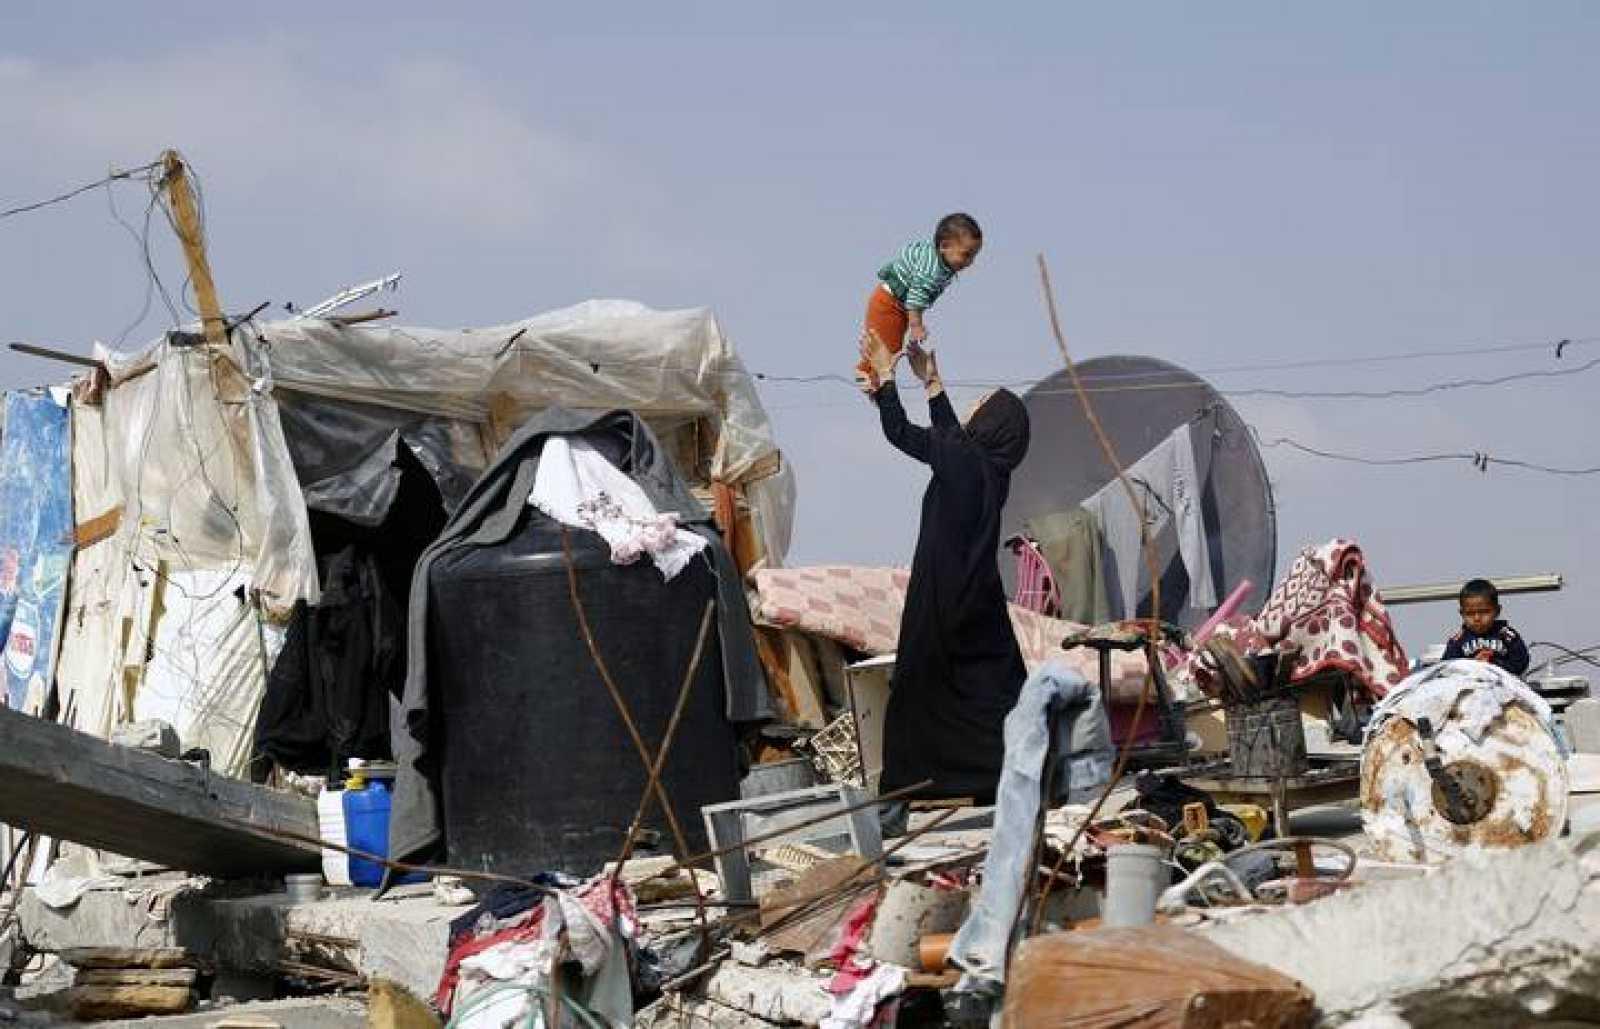 Una mujer palestina con su hijo, en Jan Yunis, entre los escombros de su casa destruida en los bombardeos israeiíes sobre Gaza